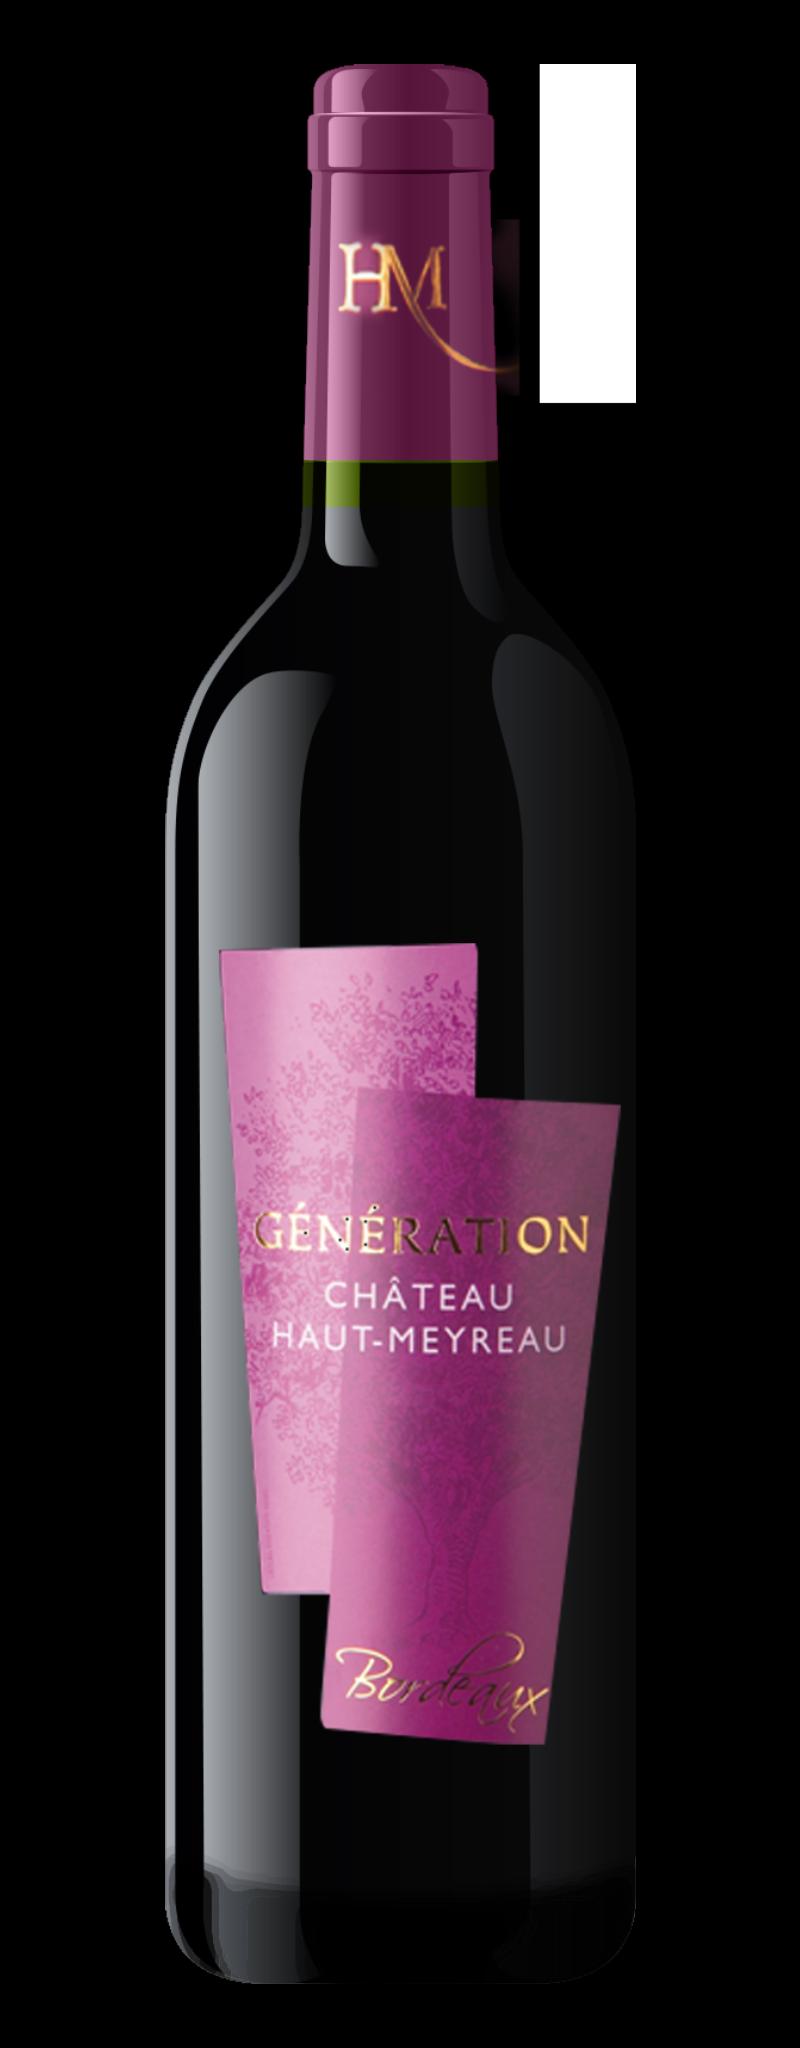 Château Haut Meyreau Génération Bordeaux 2016  - 750ml